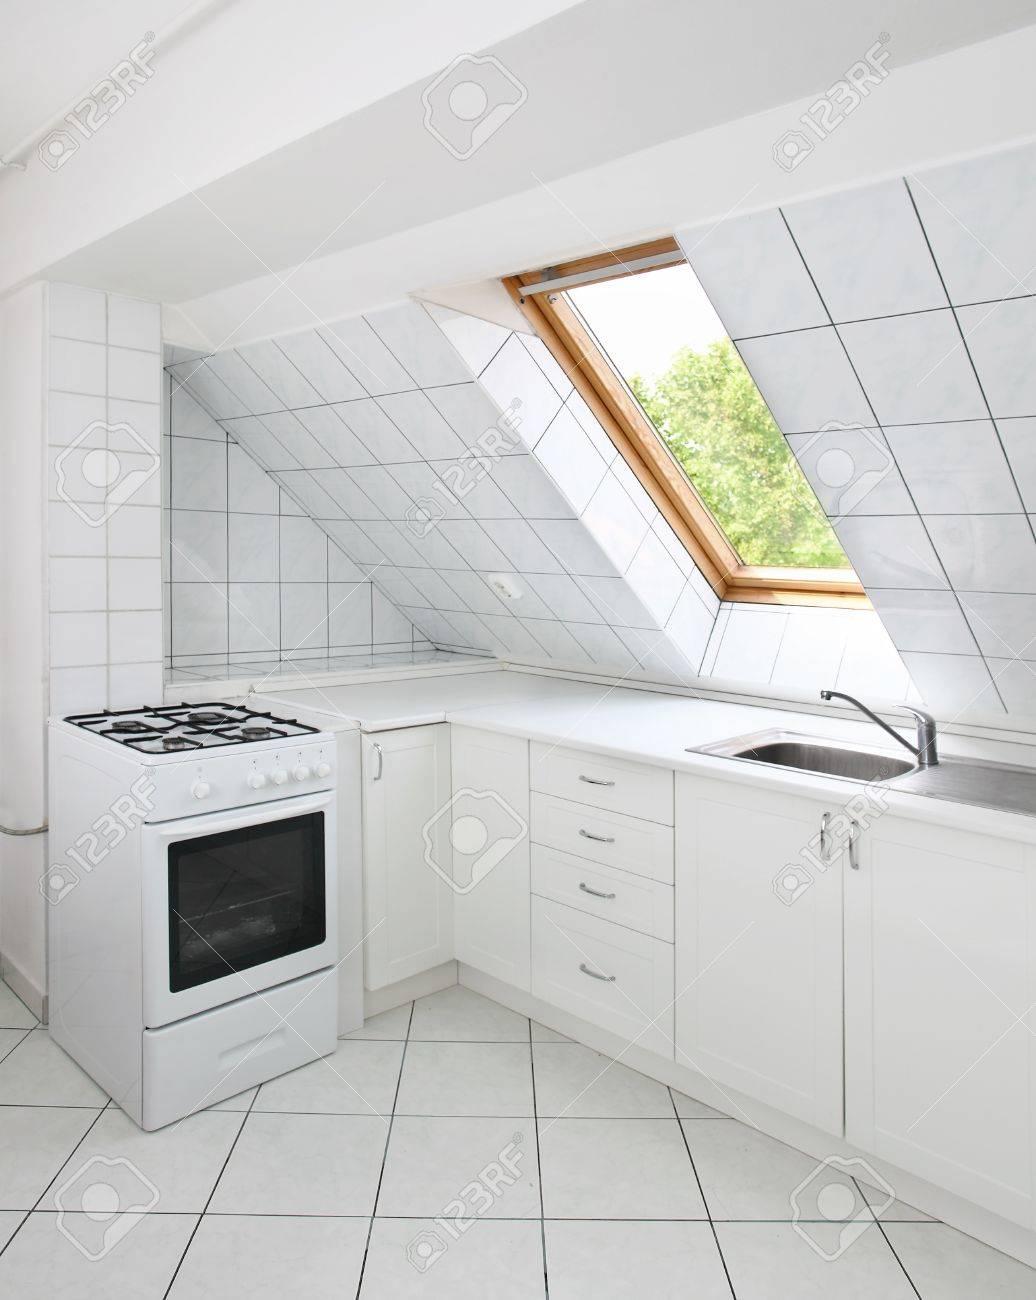 Geflieste Küche Im Dachgeschoss Mit Spüle Und Herd Lizenzfreie Fotos ...